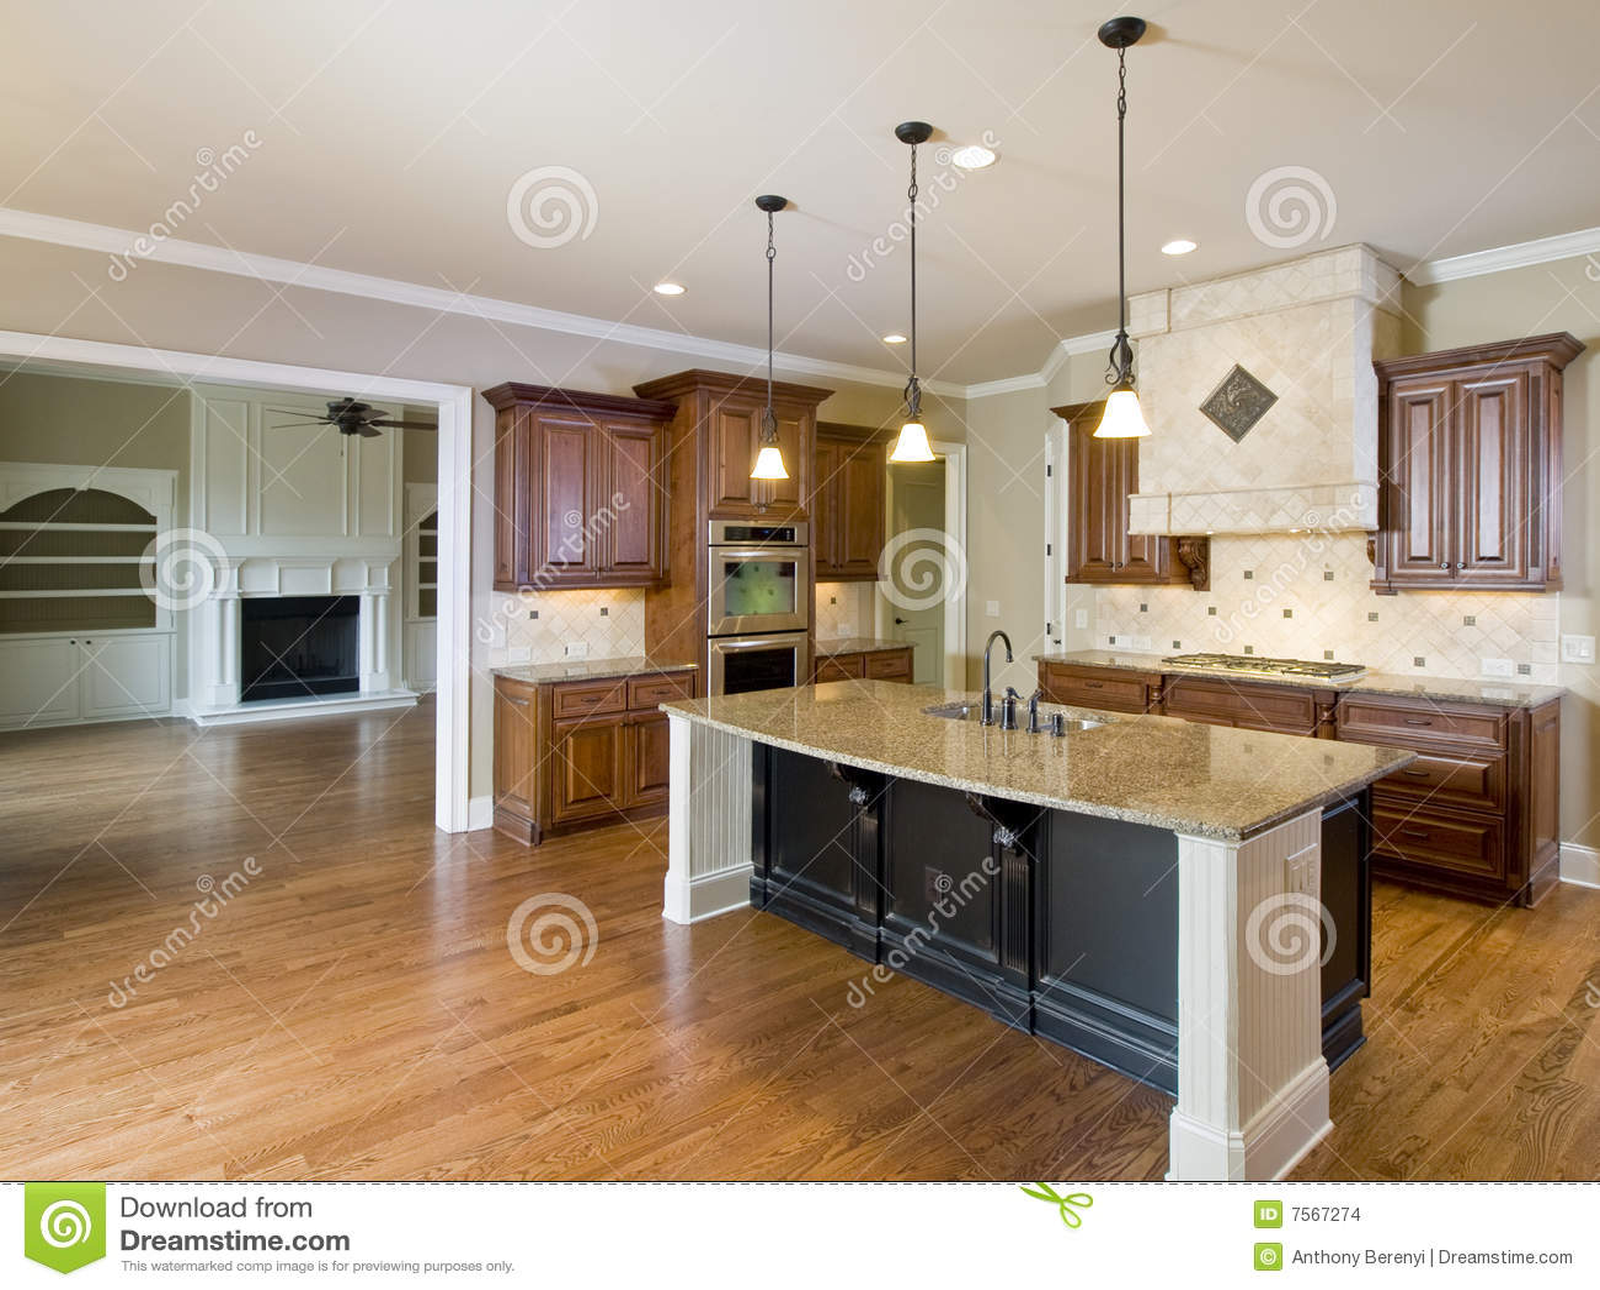 Cozinha E Sala De Visitas Interiores Home Luxuosas Imagens de Stock  #6B4828 1300 1065